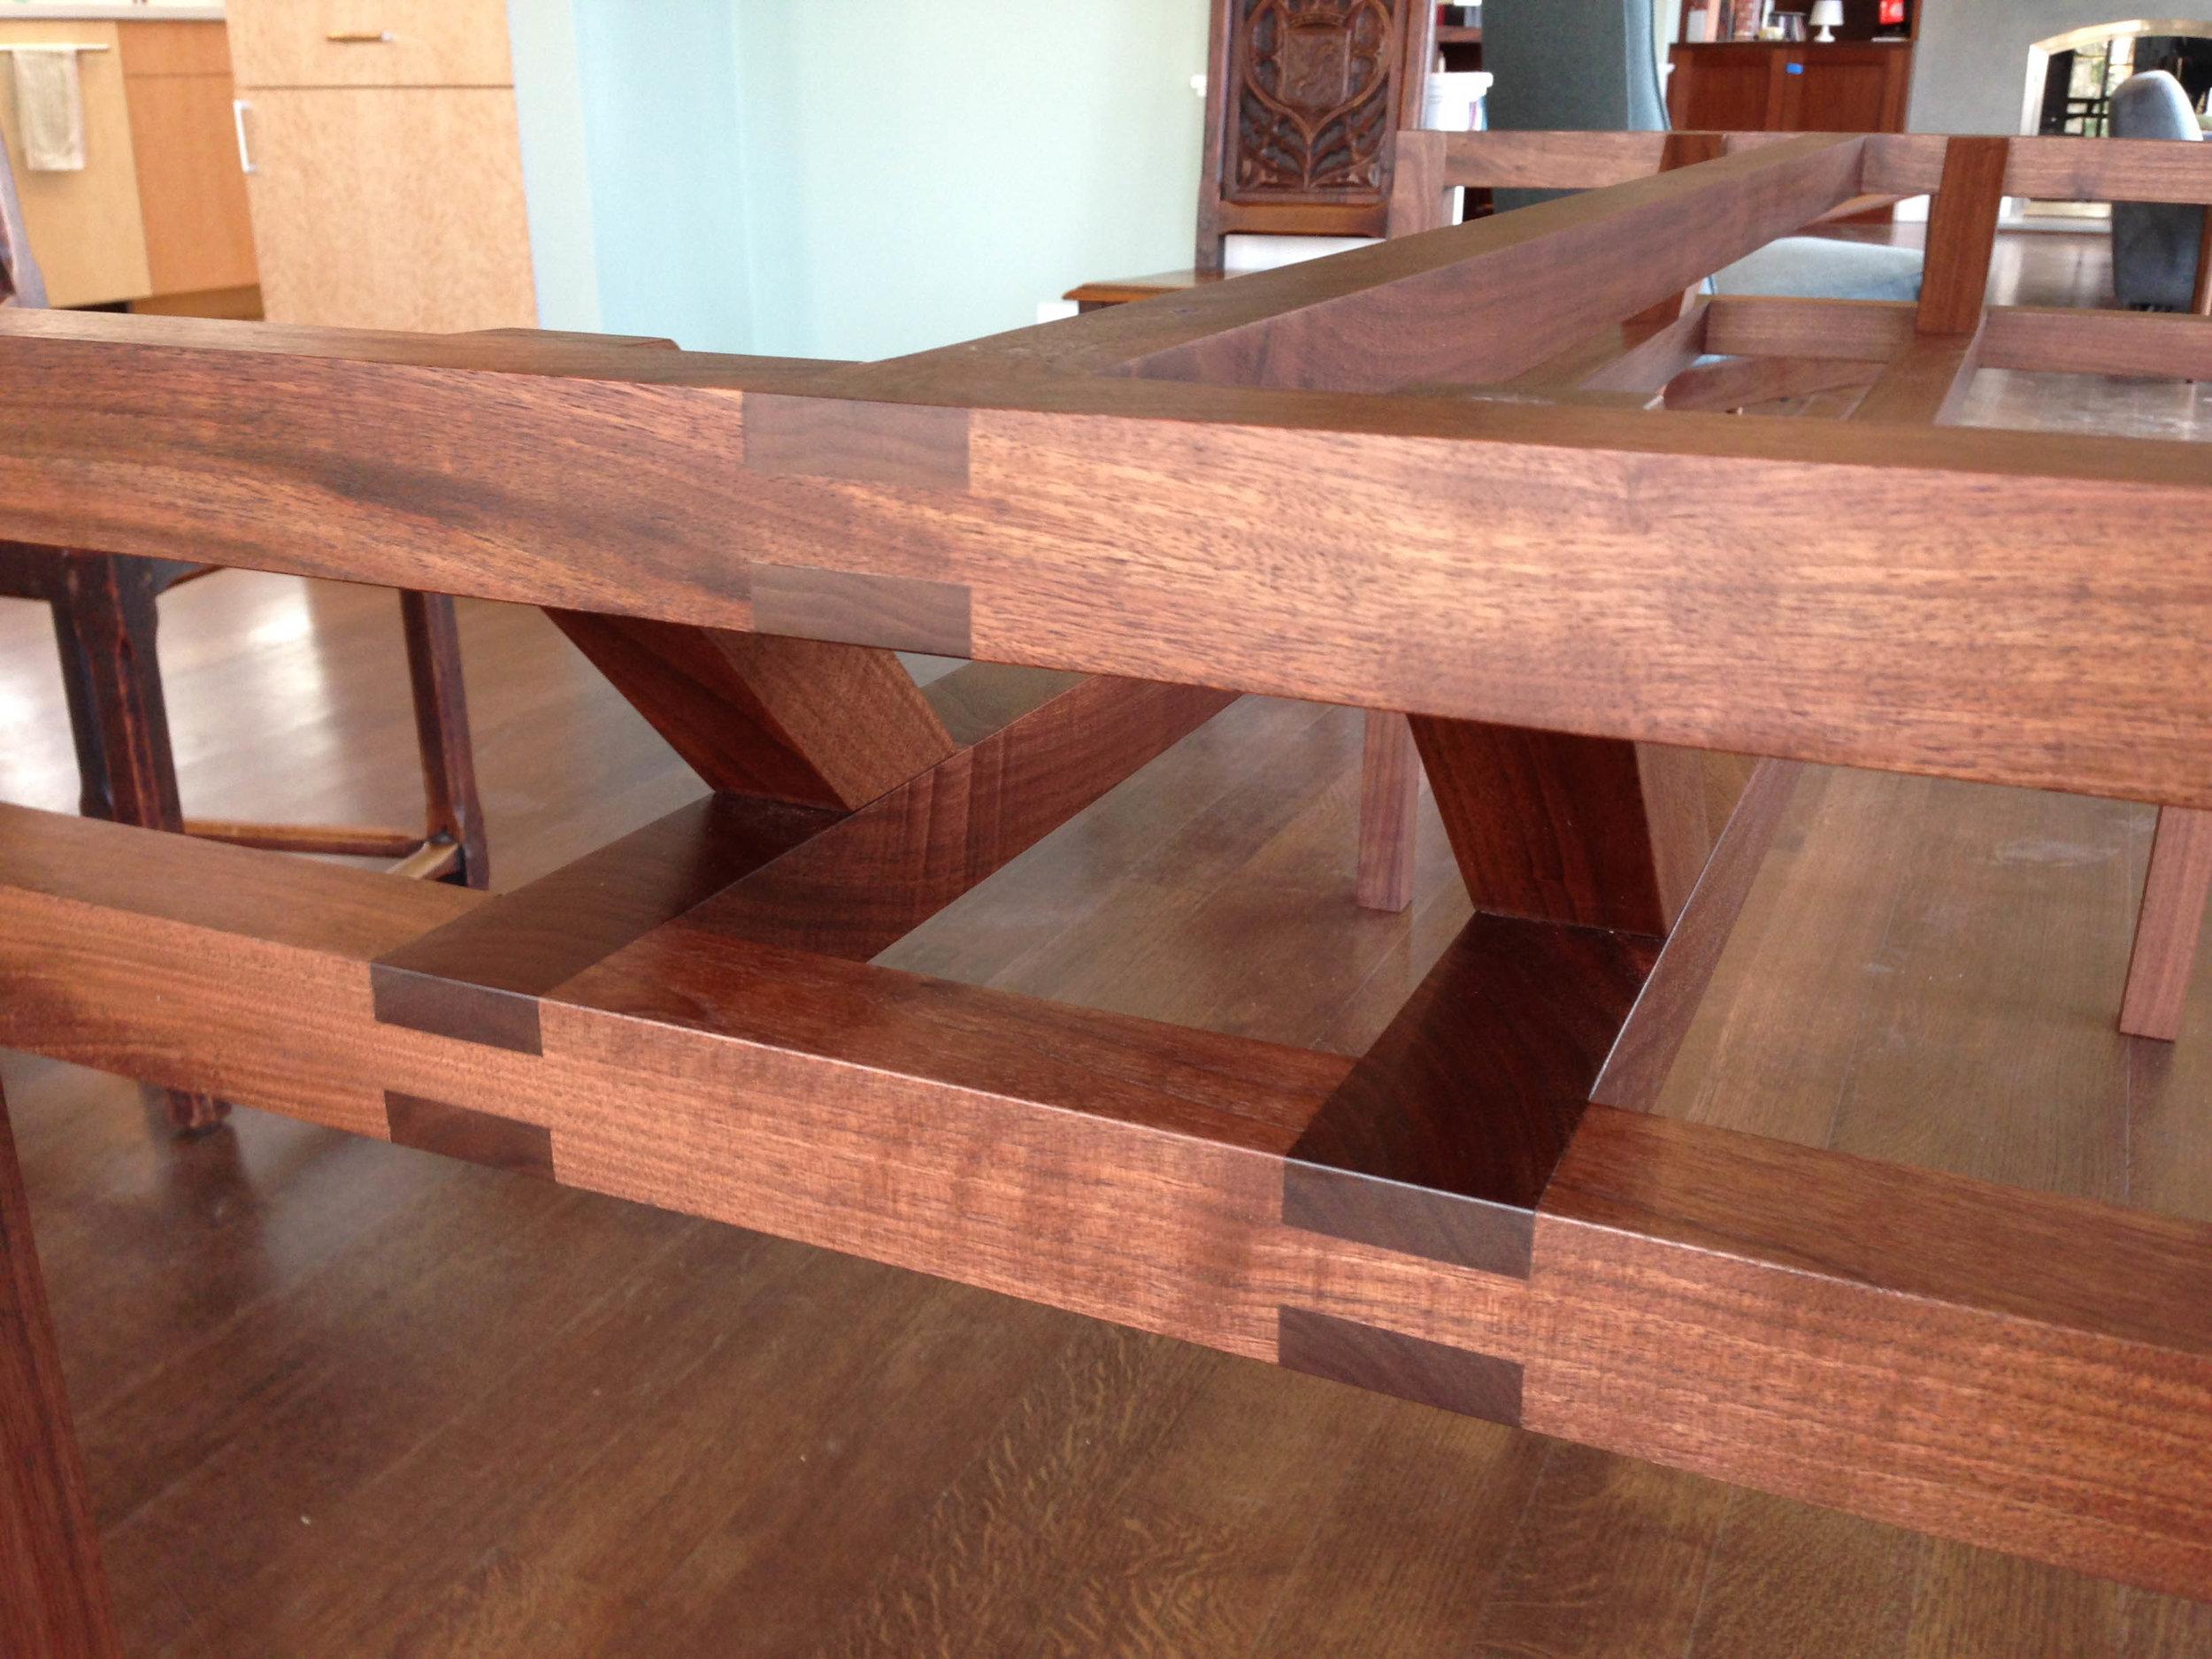 triad trestle table-31051.jpg